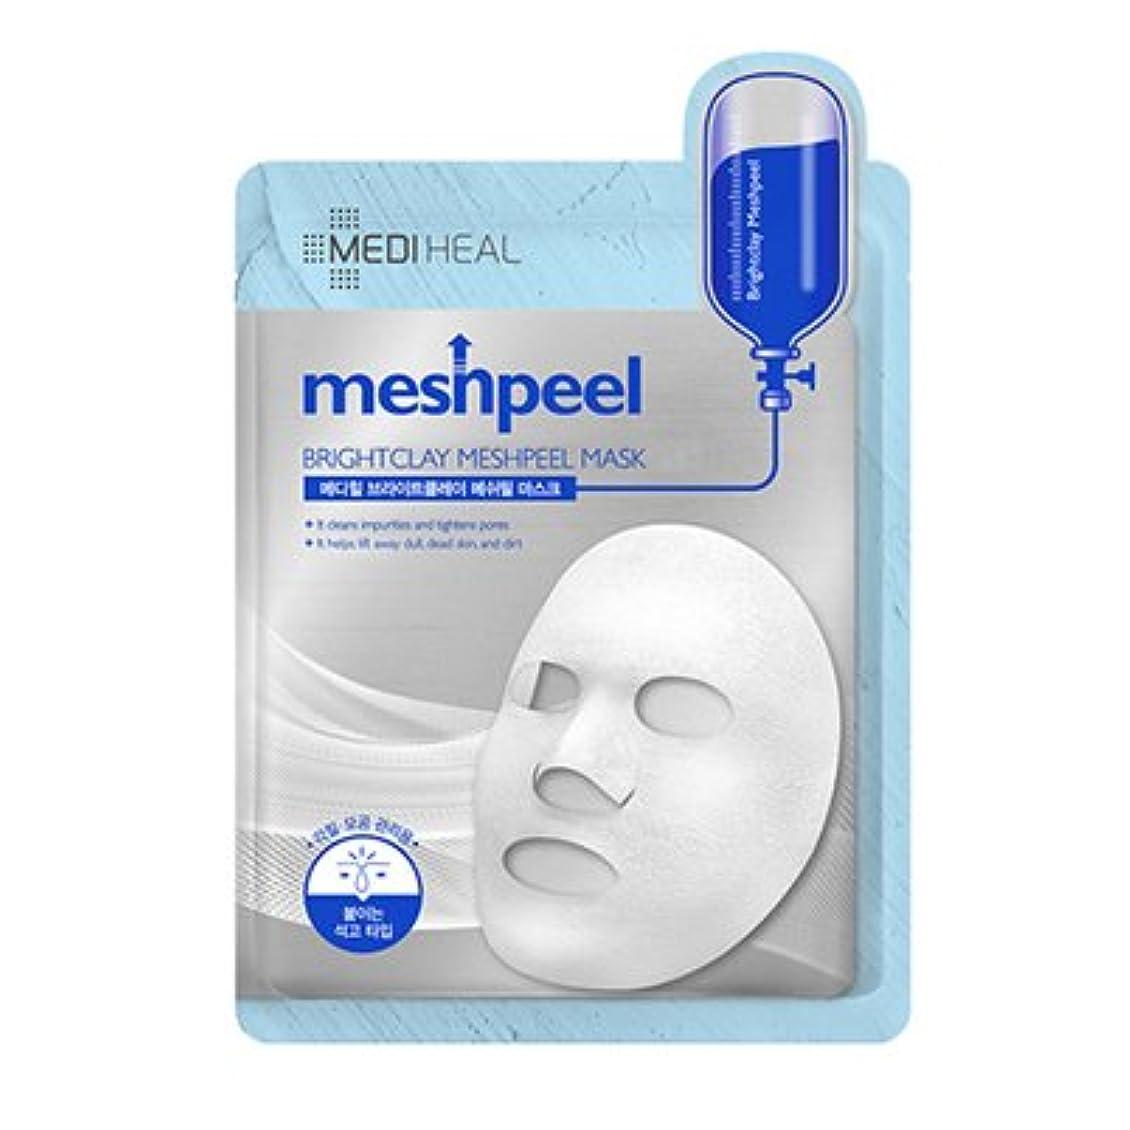 ジャンピングジャック気難しいプロジェクター[New] MEDIHEAL Brightclay Meshpeel Mask 17g × 10EA/メディヒール ブライト クレイ メッシュ ピール マスク 17g × 10枚